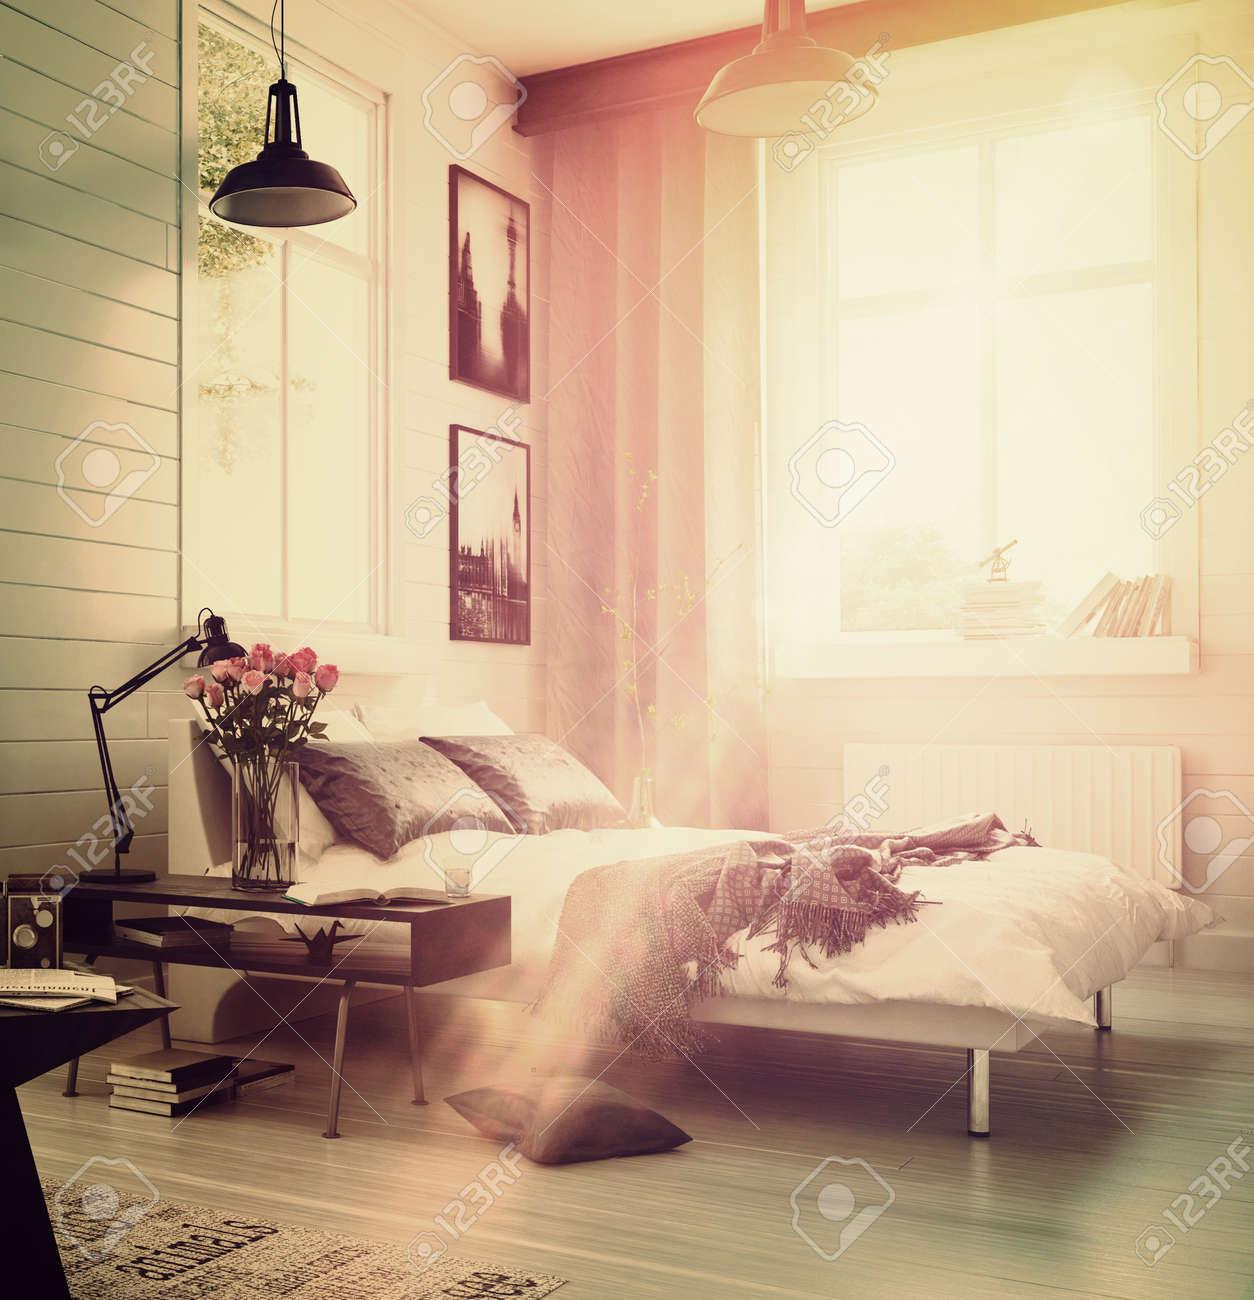 grande interno spazioso camera da letto moderna con un arredamento ... - Divano Letto Matrimoniale Grande